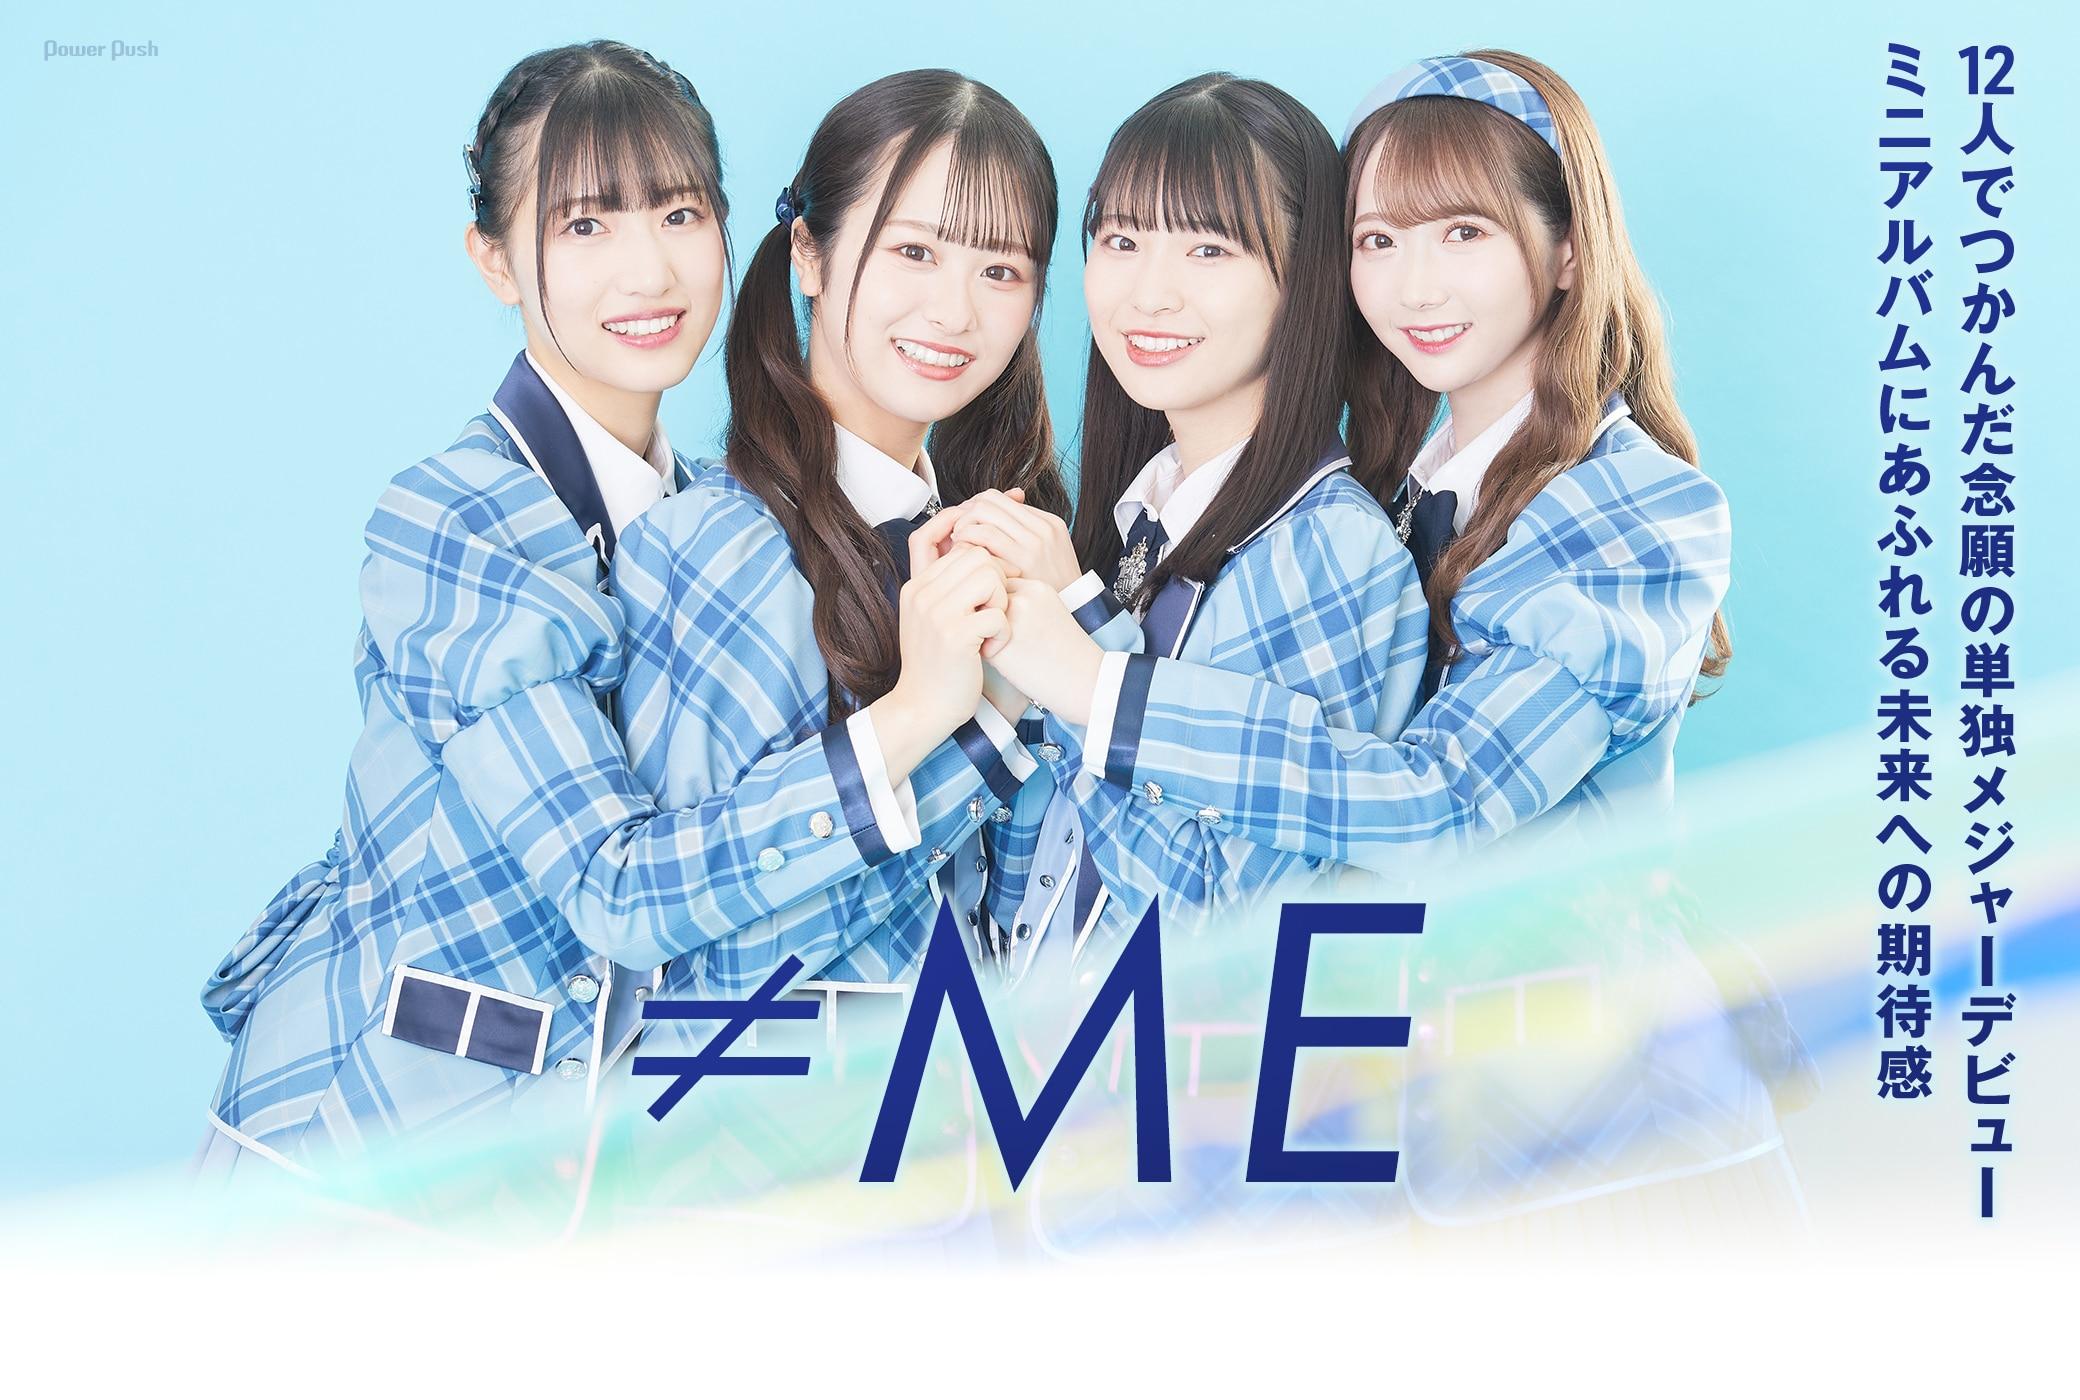 ≠ME|12人でつかんだ念願の単独メジャーデビュー ミニアルバムにあふれる未来への期待感